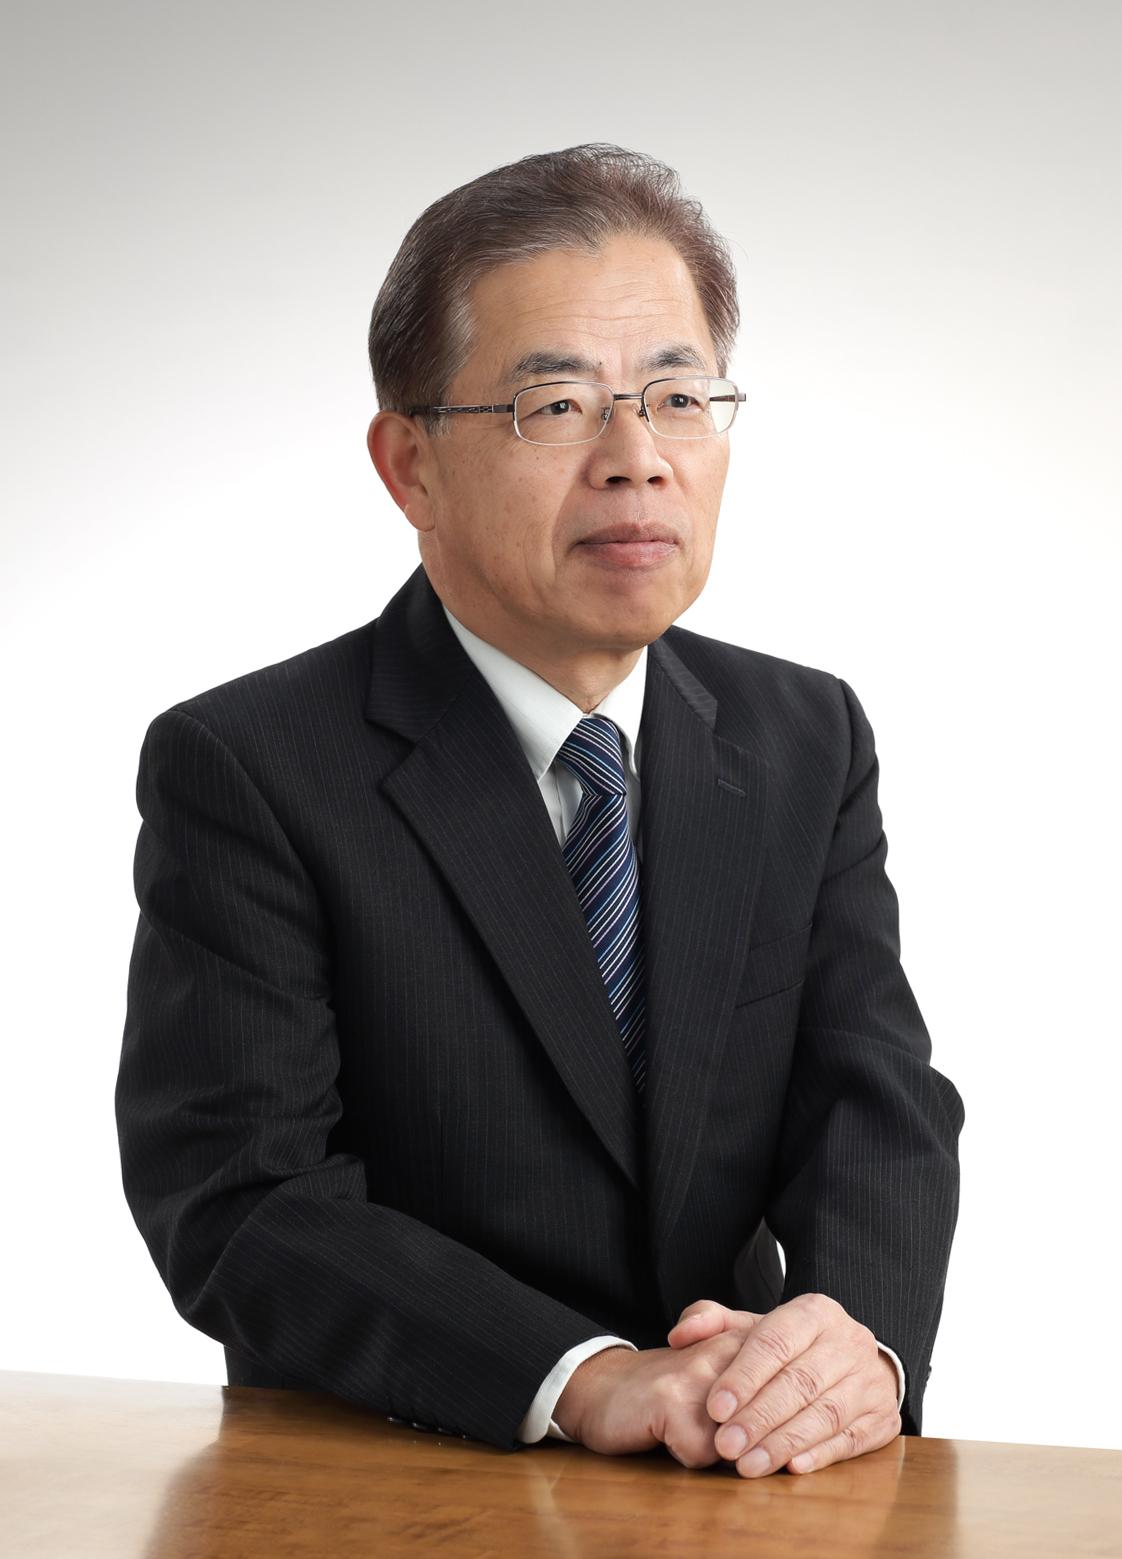 東海メンテナンス株式会社 代表取締役 岡田和久